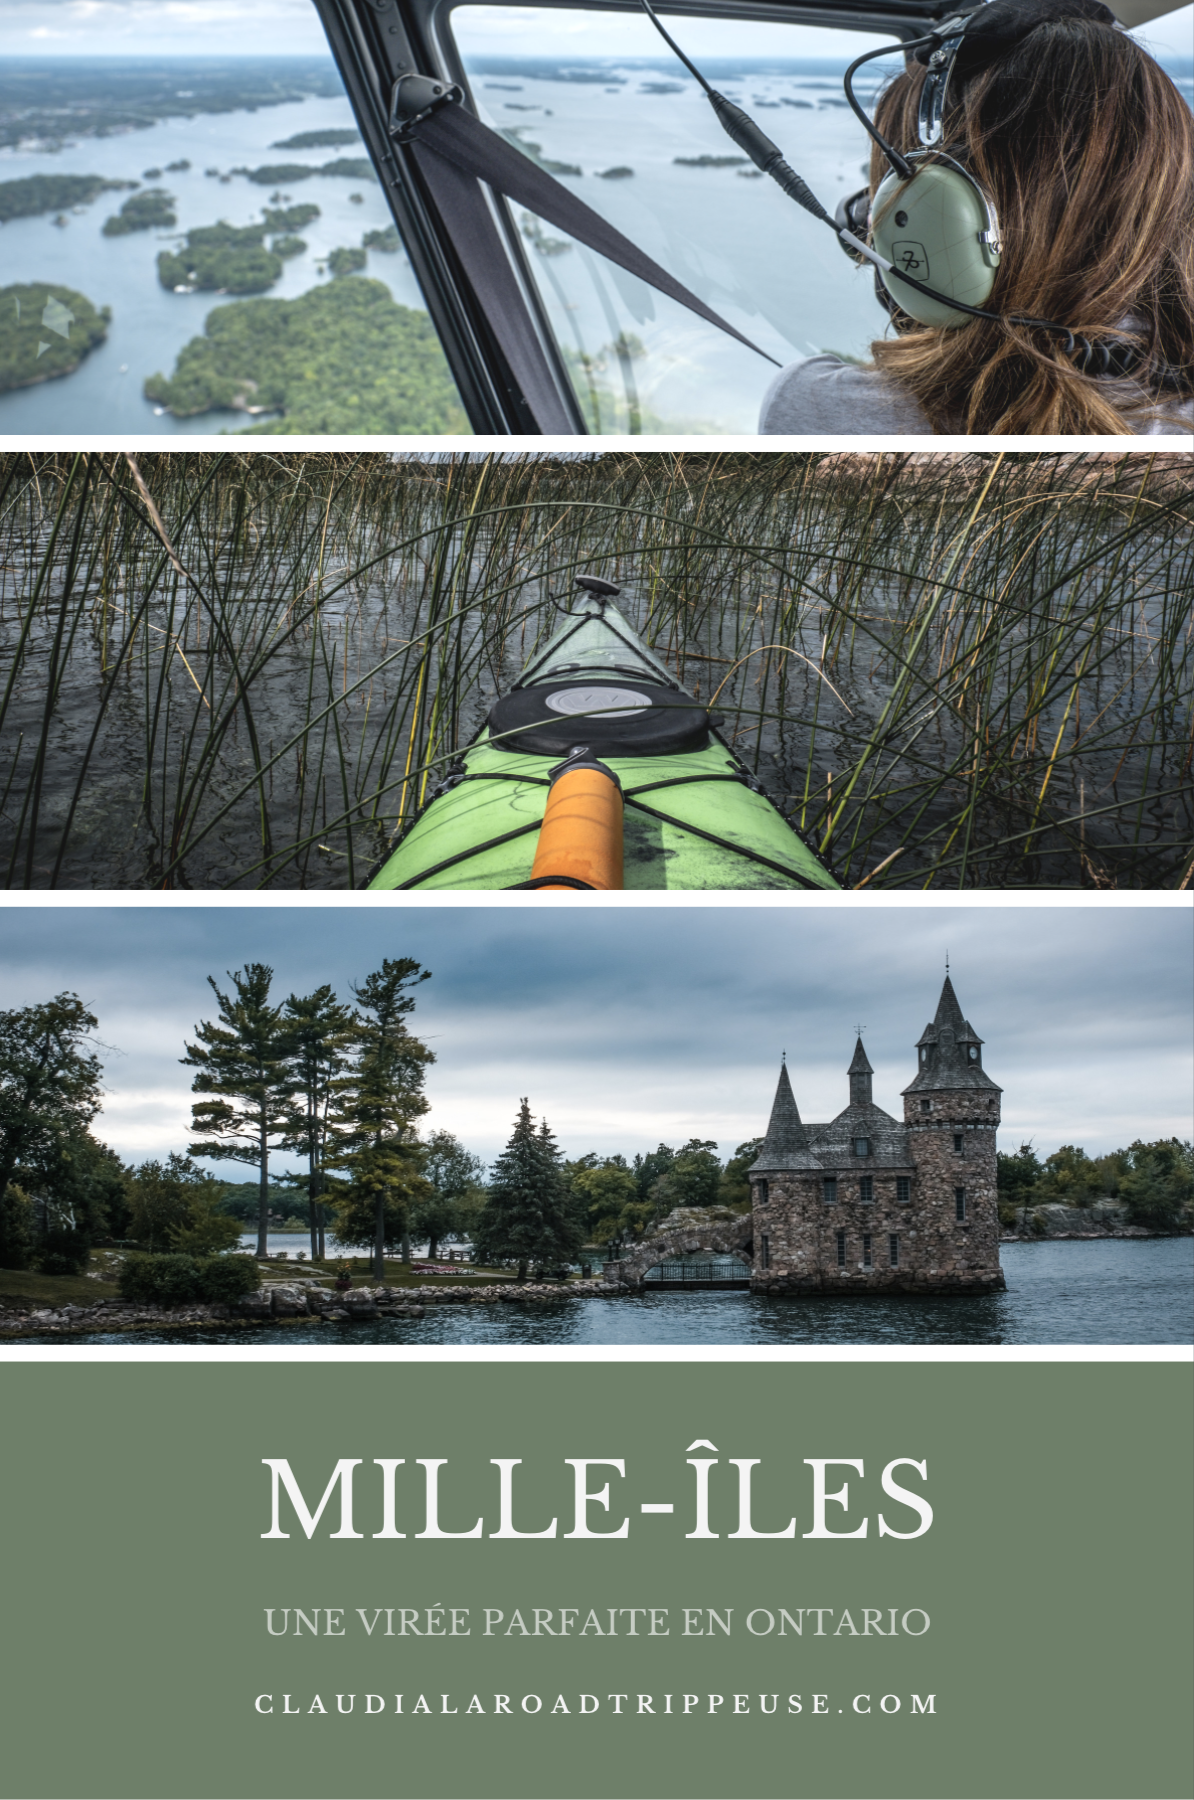 Virée aux Mille-Îles, Ontario, Canada